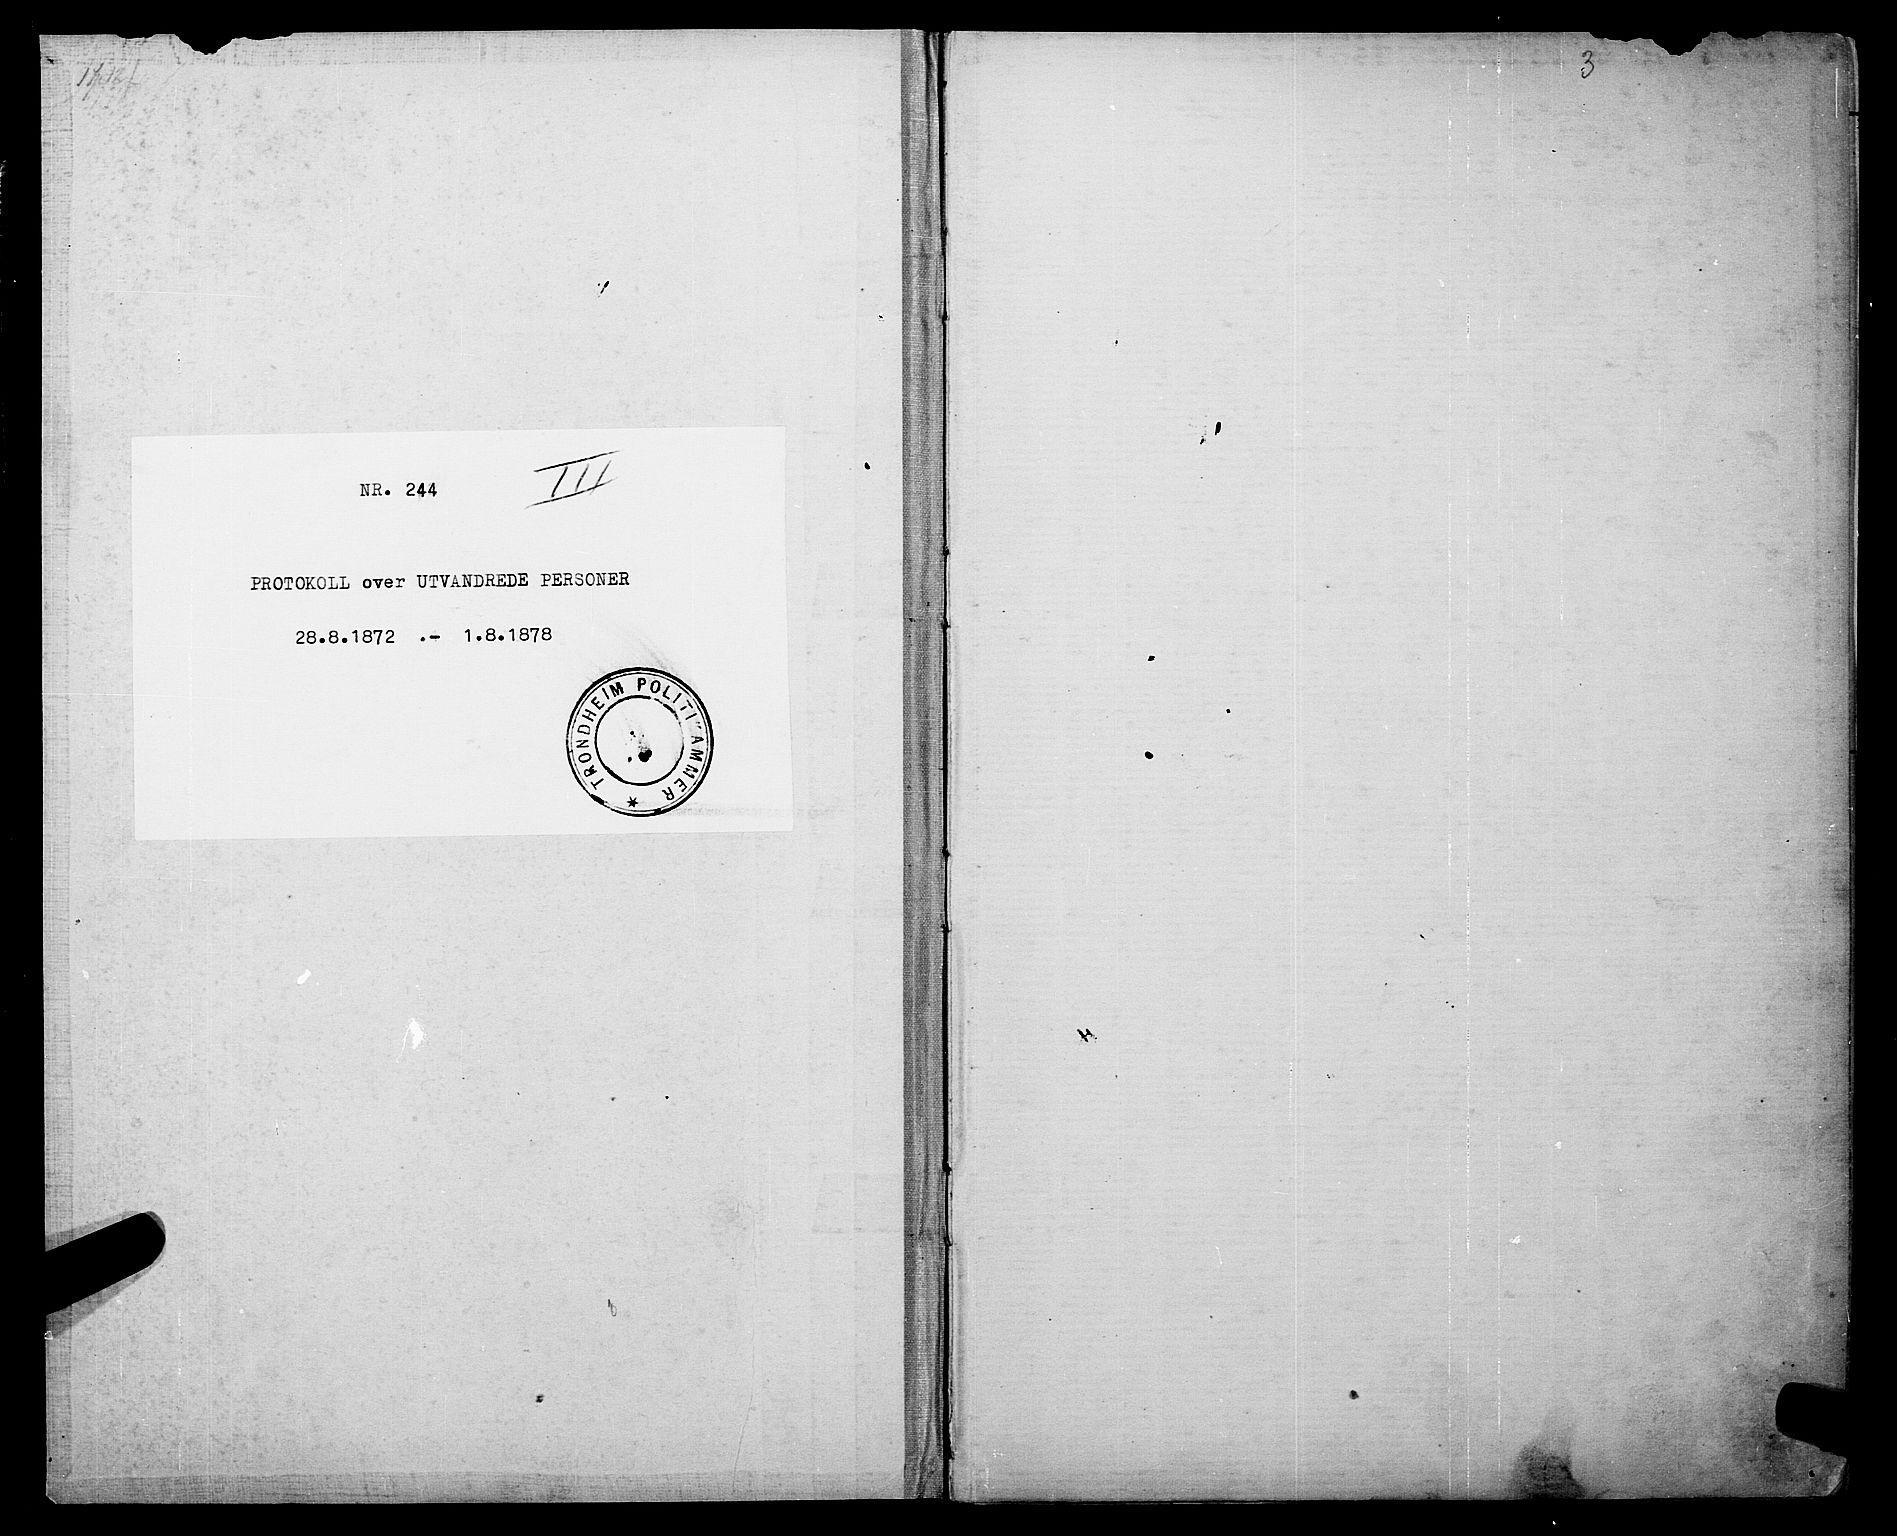 SAT, Trondheim politikammer, 32/L0003: Emigrantprotokoll III, 1872-1878